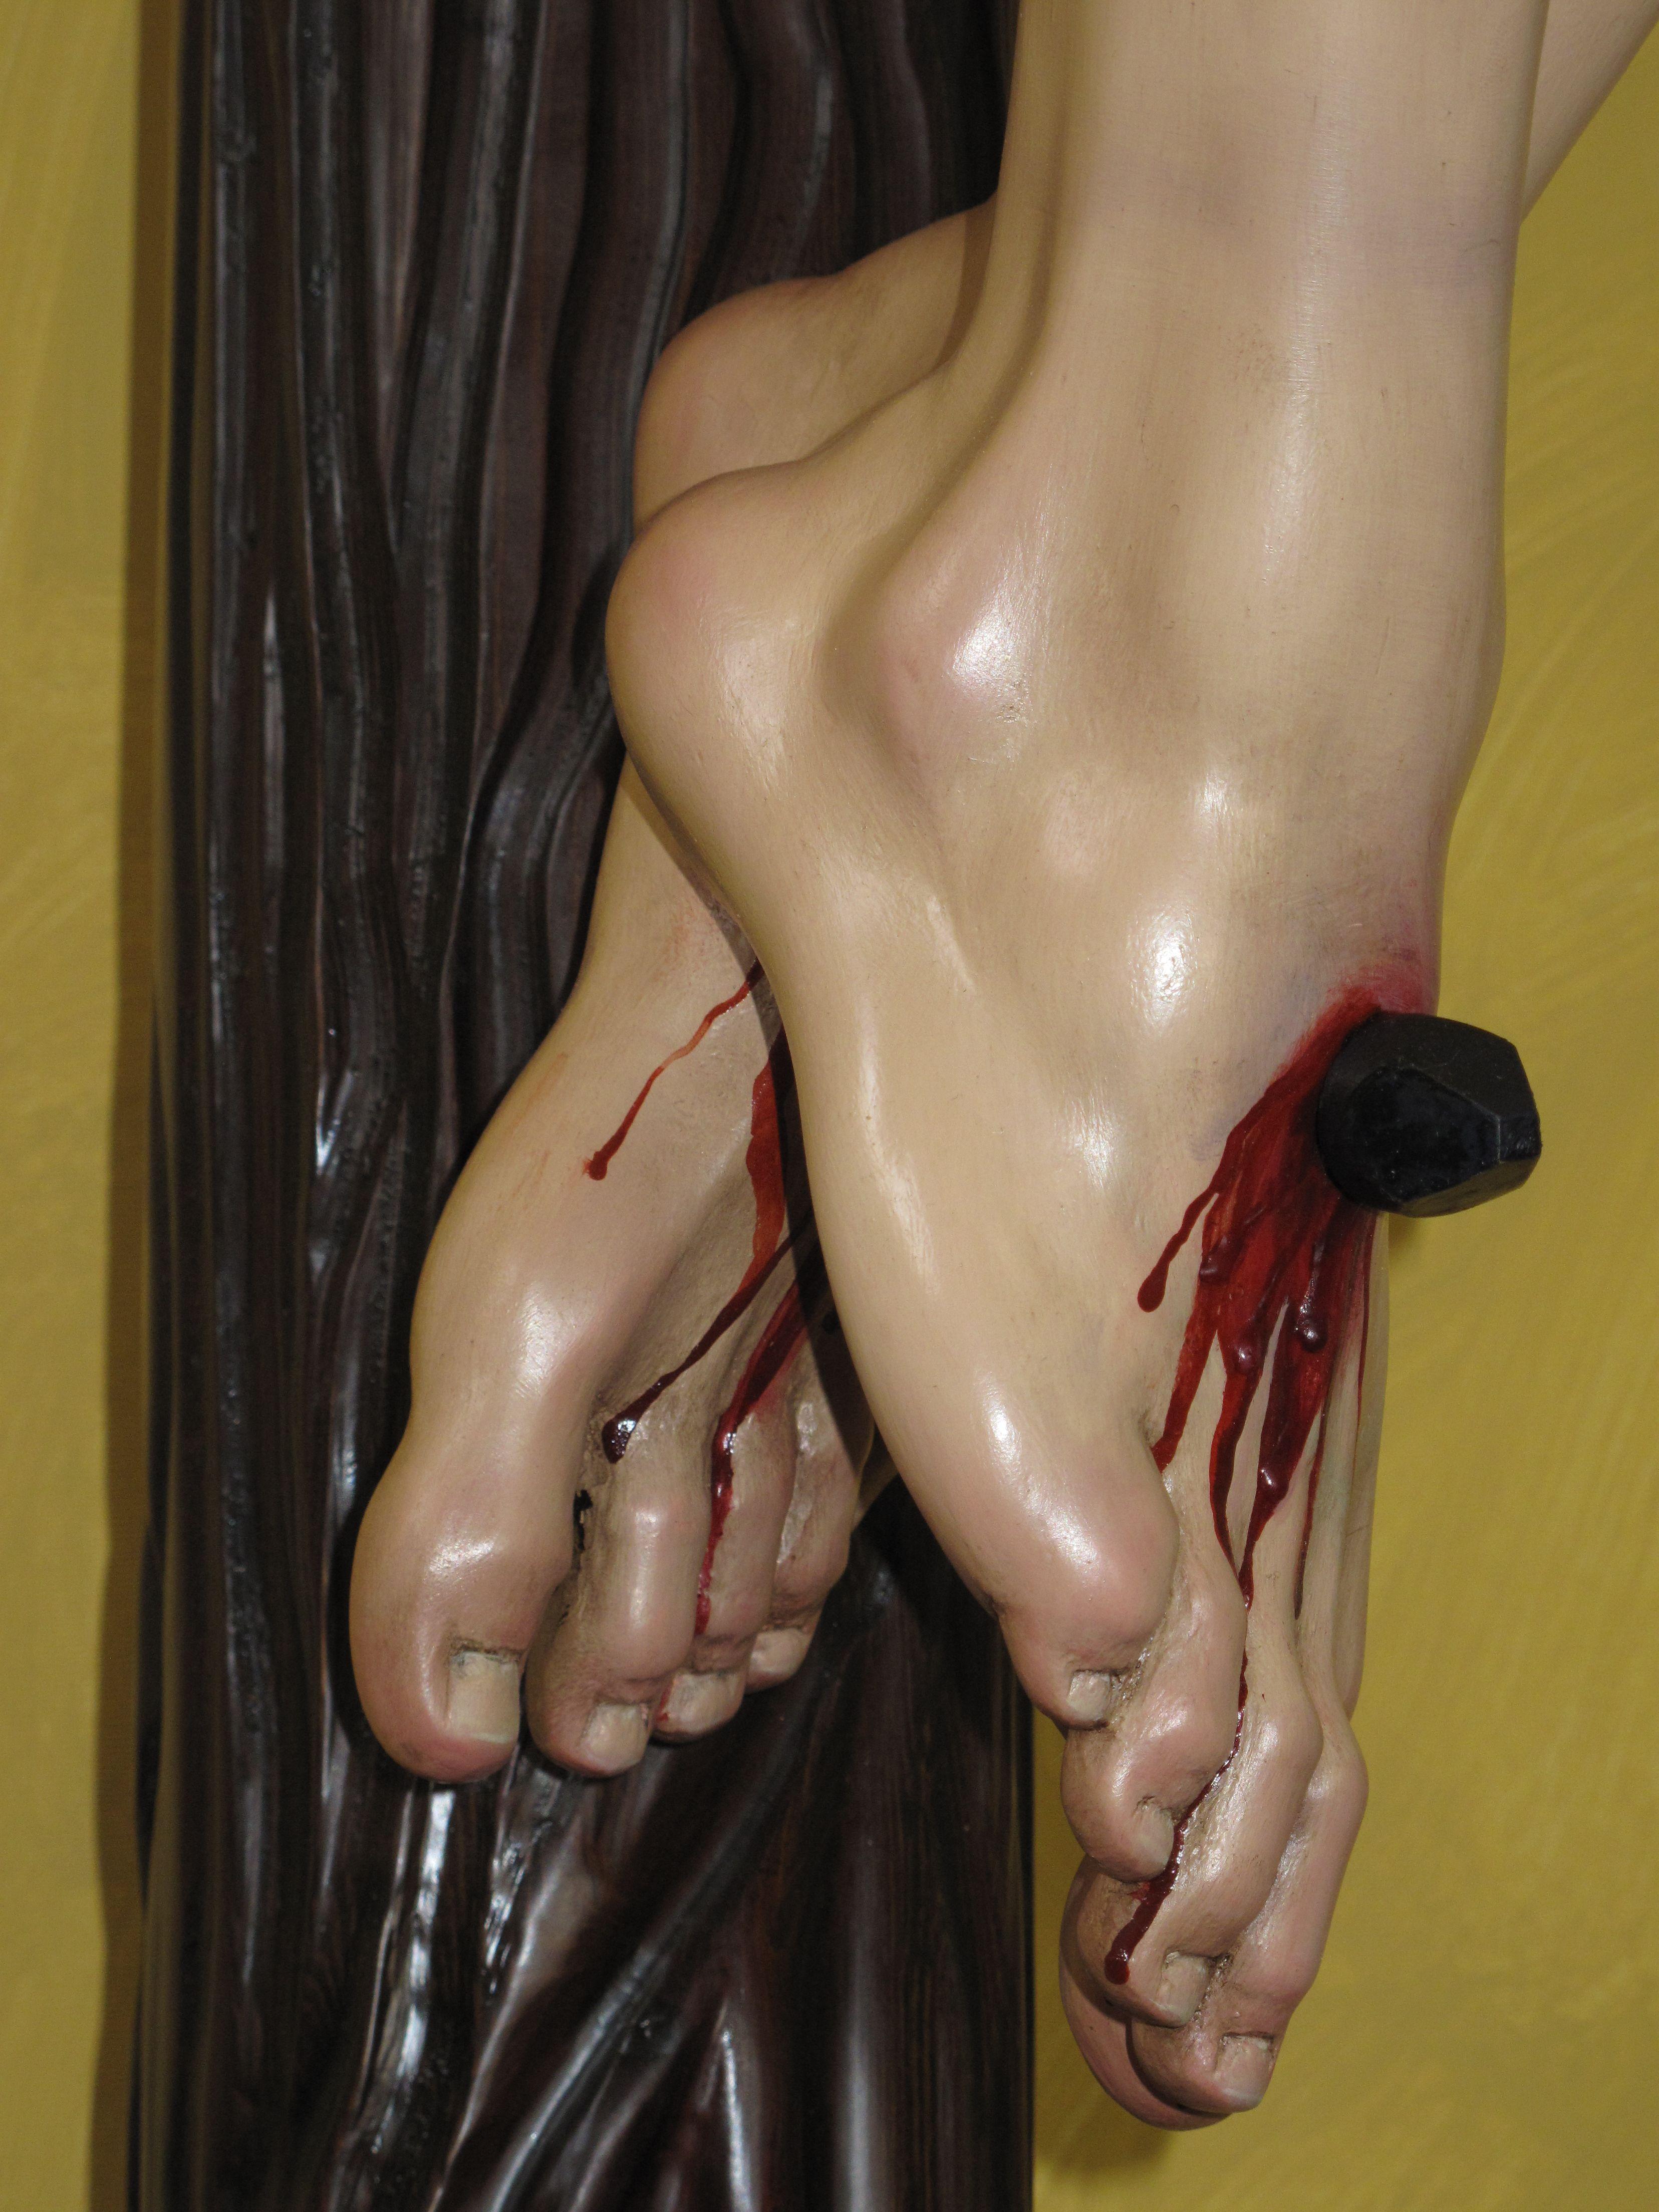 detalle del cristo crucificado de la parroquia de la Asunción de Martos